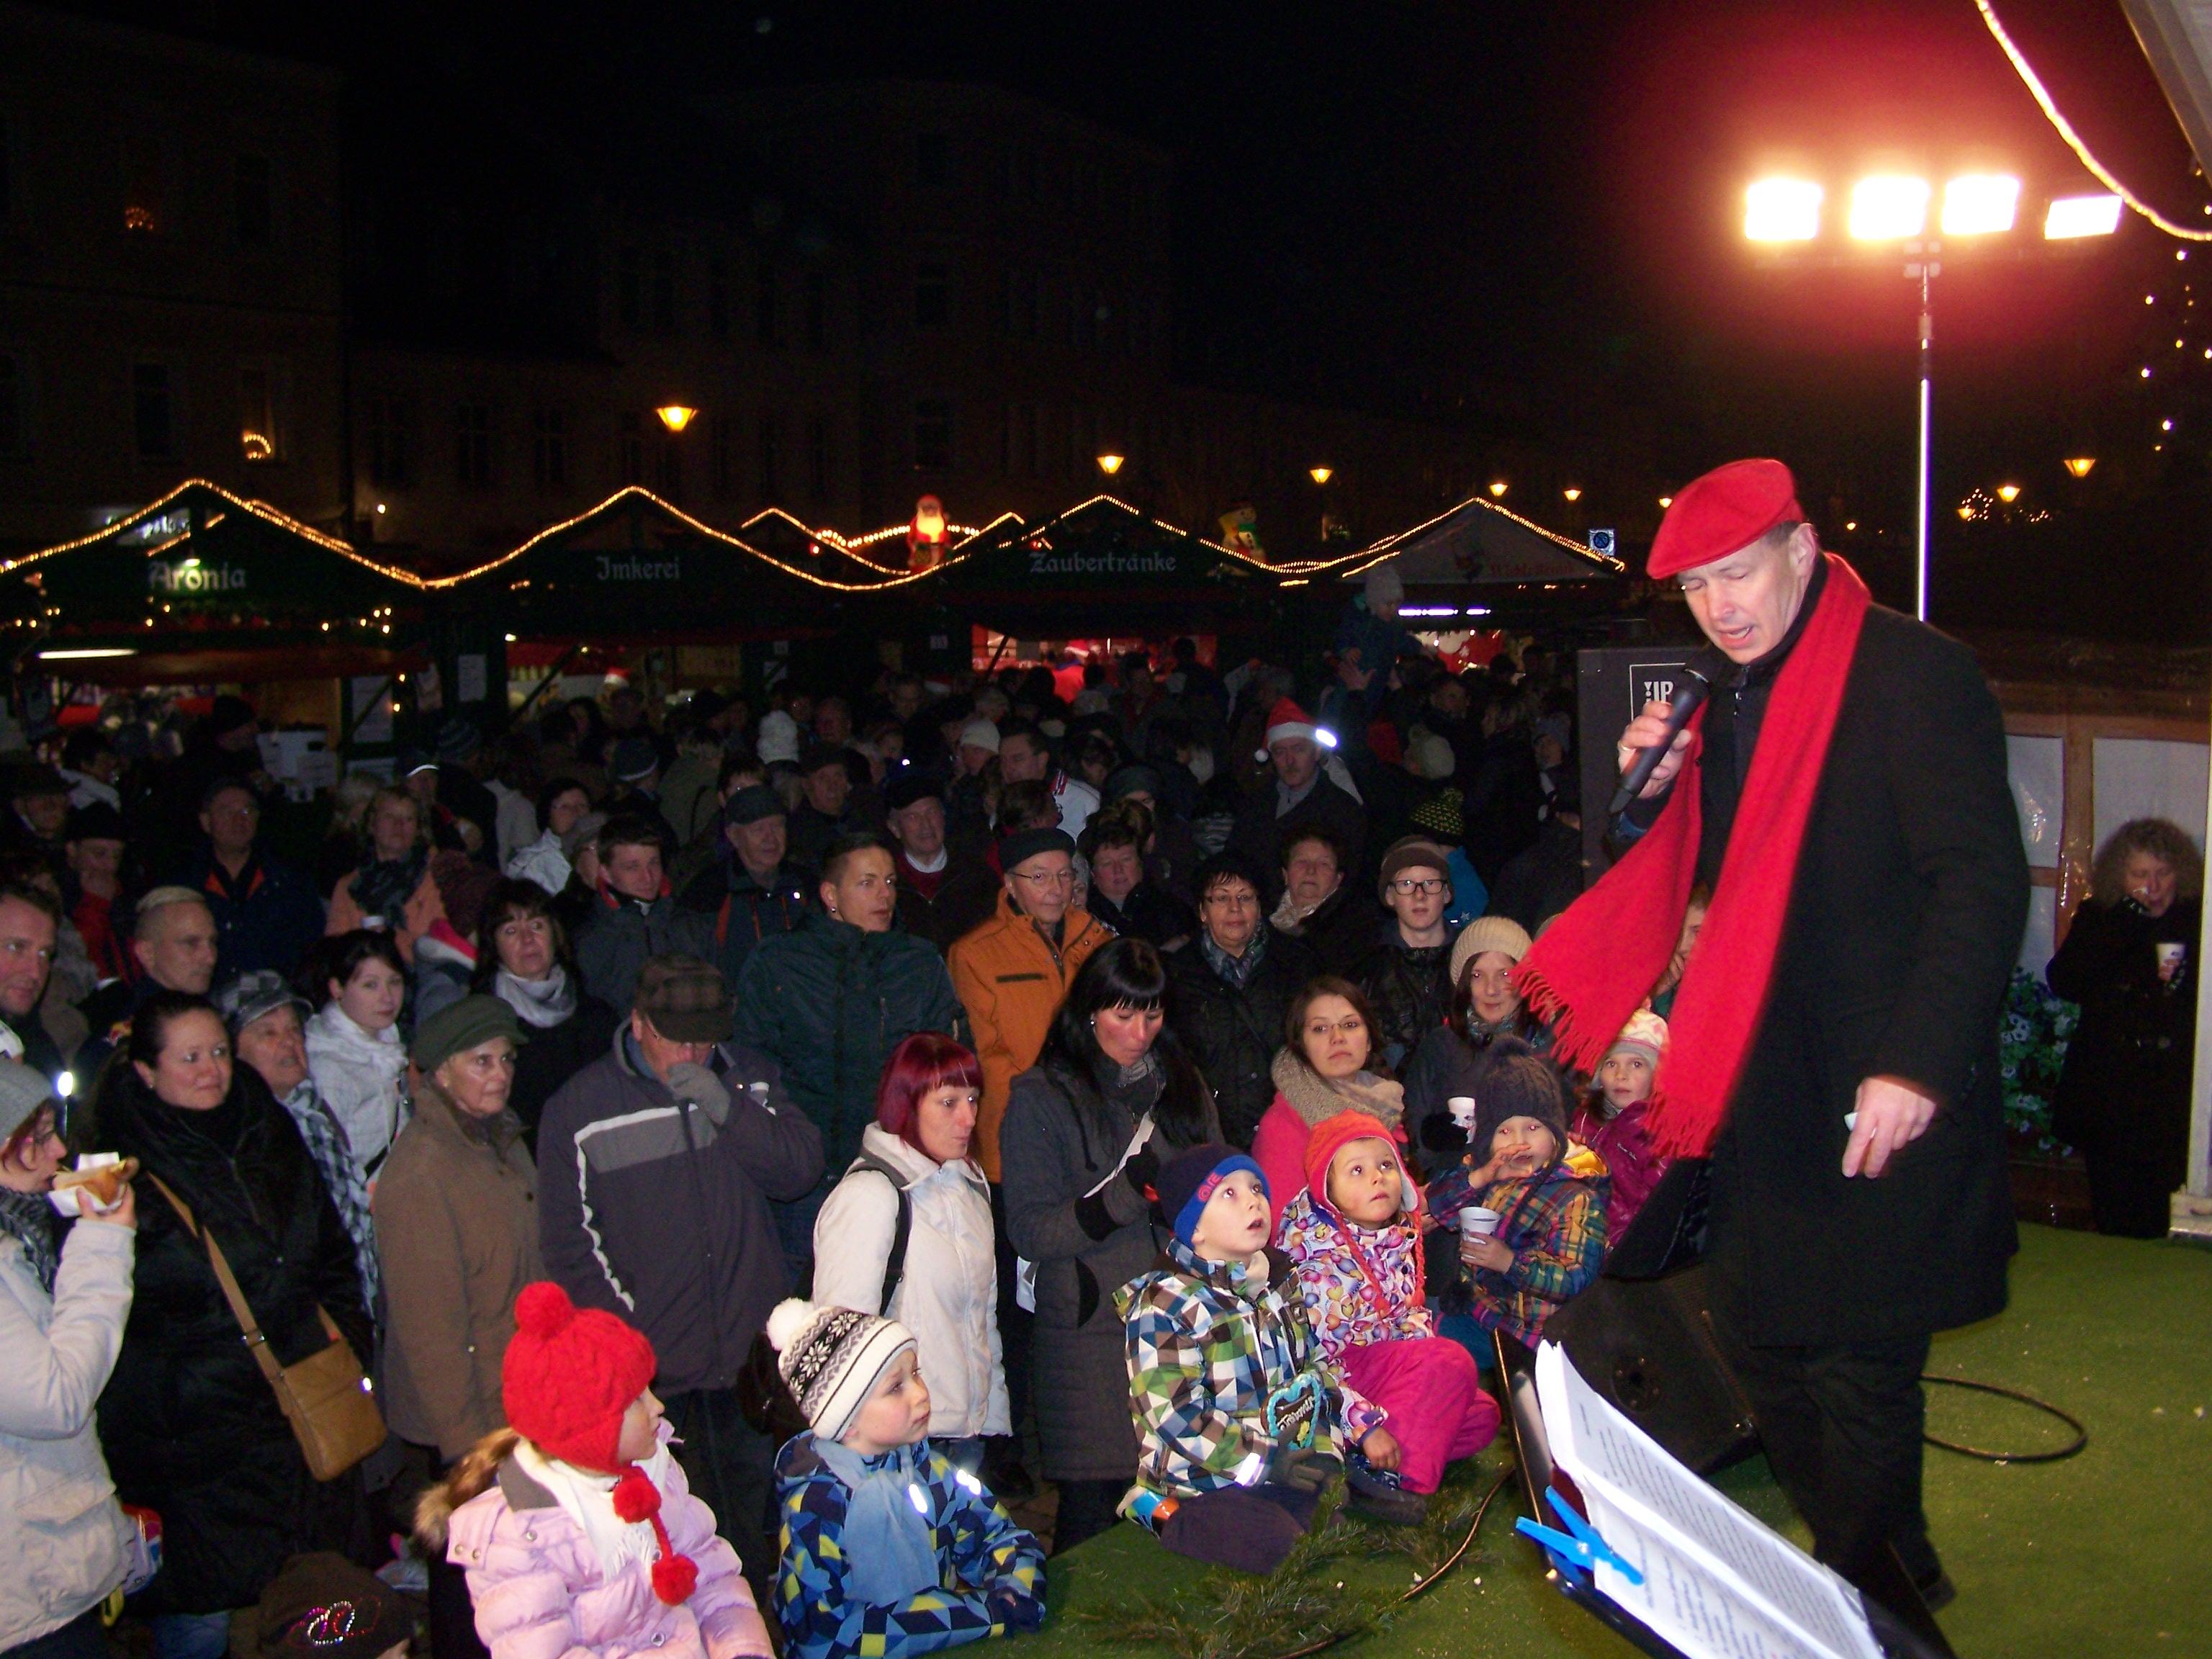 Weihnachtsmarkt Frankenberg.Weihnachtsmarkt Frankenberg Am 7 12 2015 Zwini